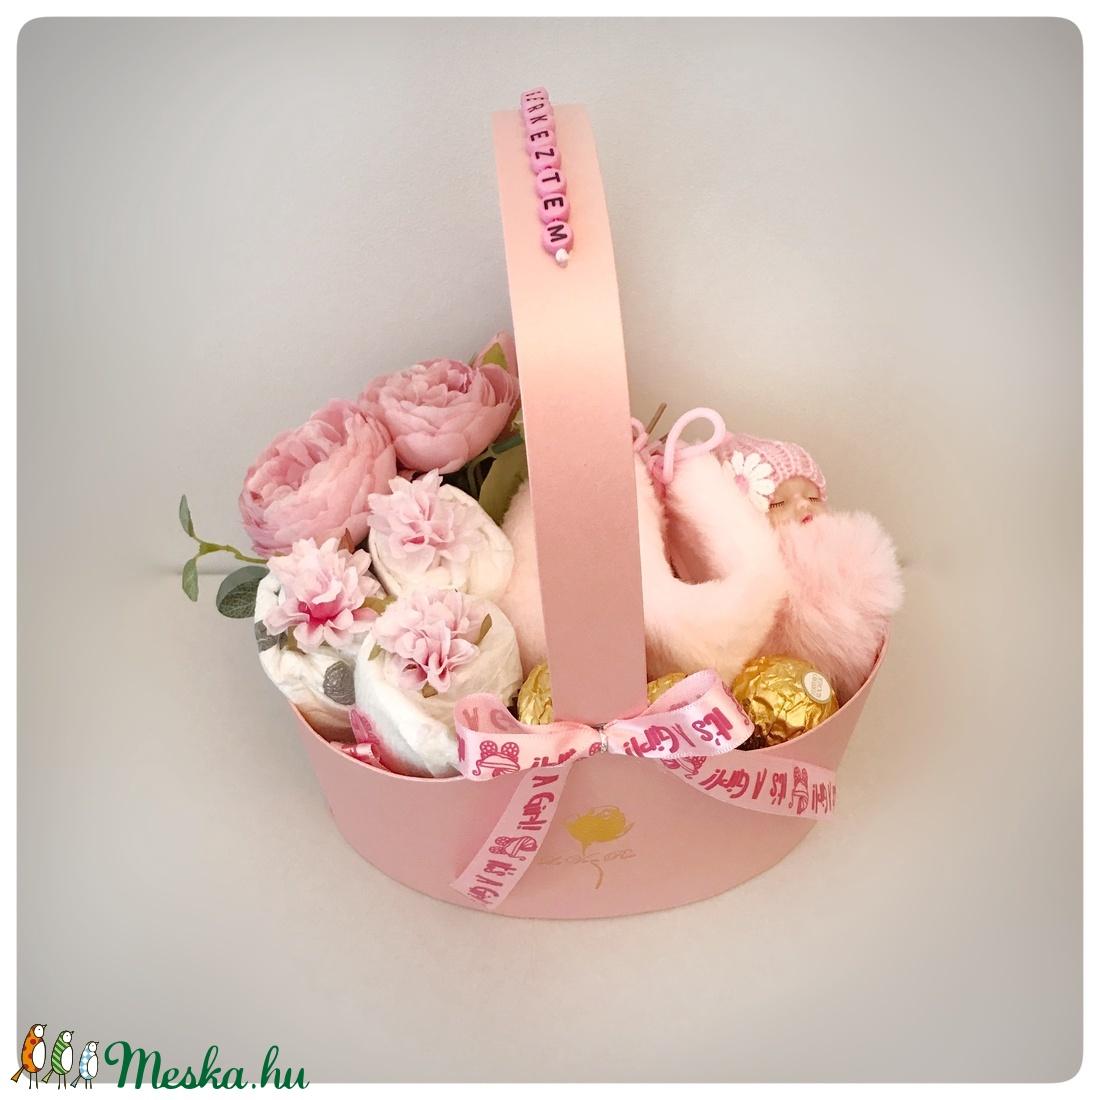 Rózsaszín babaváró doboz (Elitdecor) - Meska.hu